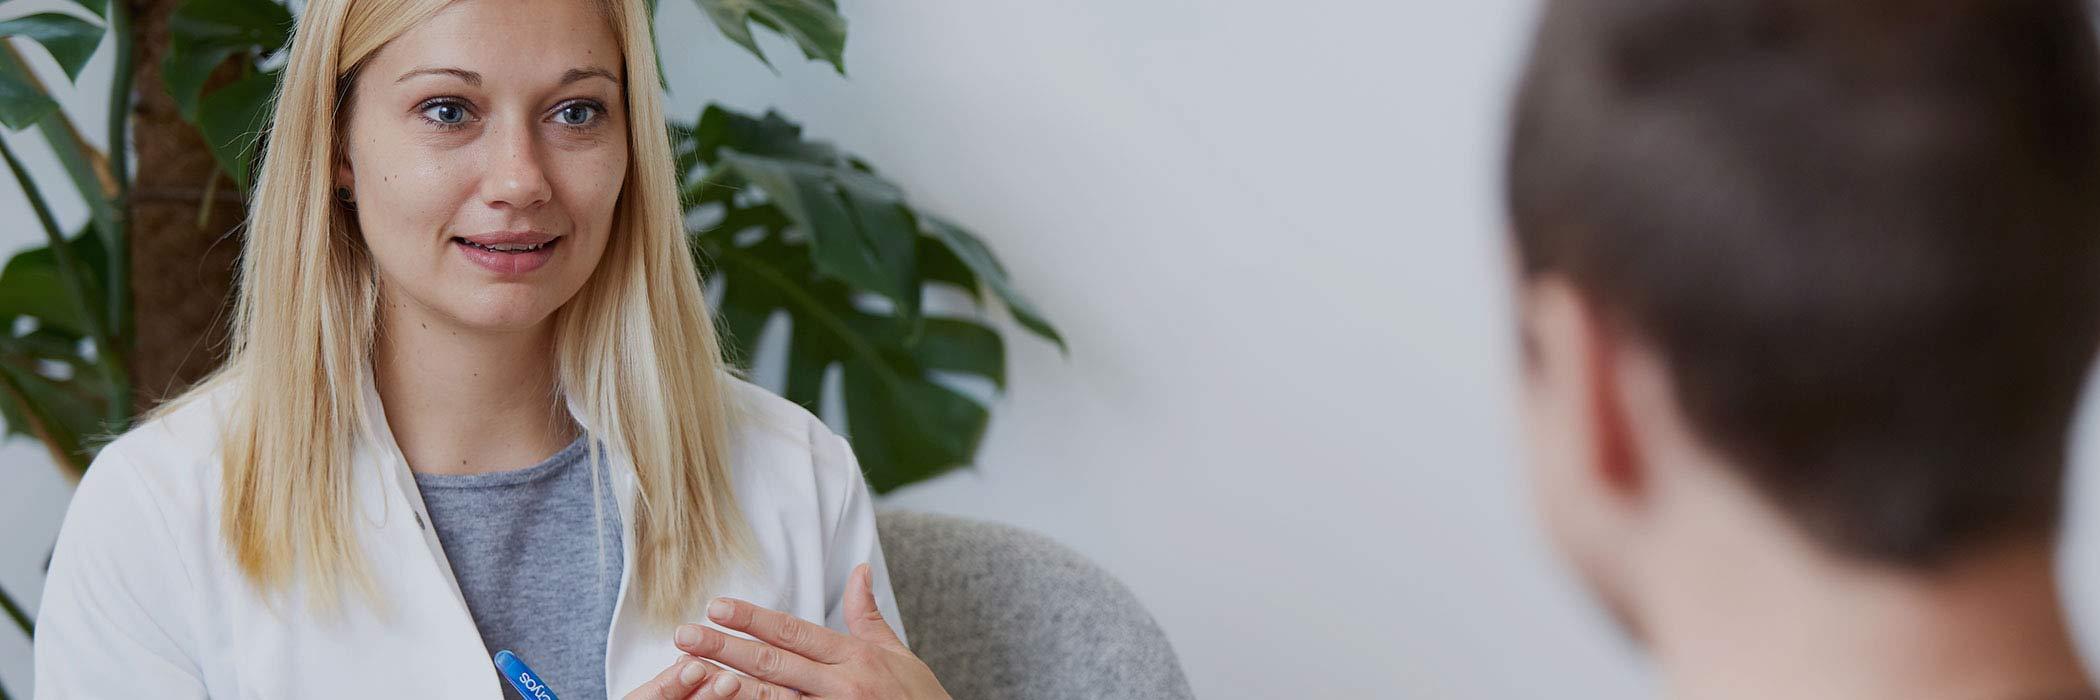 Cryos verpleegkundige vertelt over hoe Cryos donors screent voor spermarietjes van de beste kwaliteit